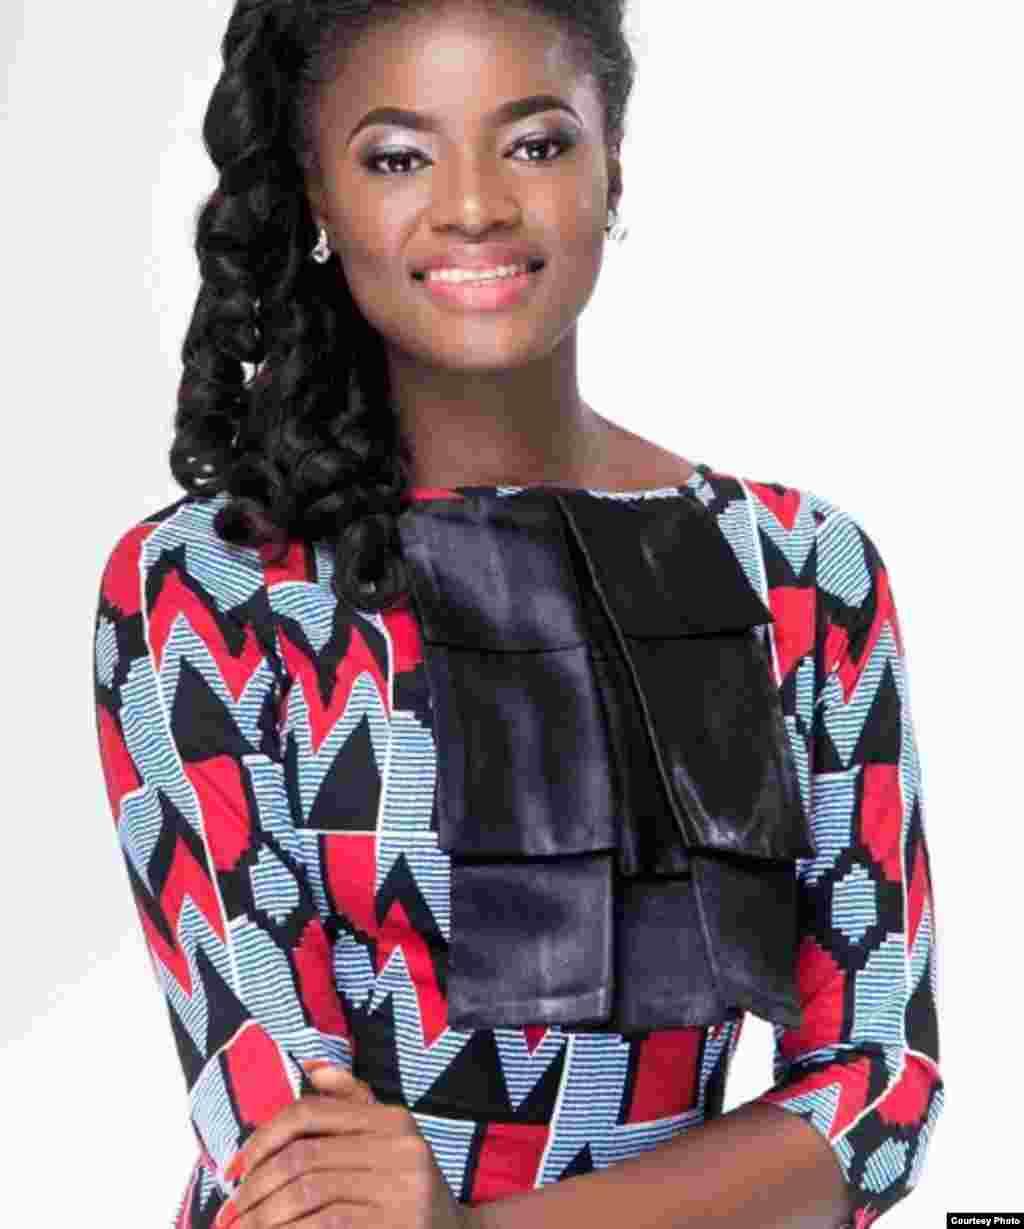 SAMEDI. Rebecca Asamoah, originaire du Ghana, a été élue Miss Continent africain pour la première édition de ce concours de beauté. LIRE L'ARTICLE ICI.